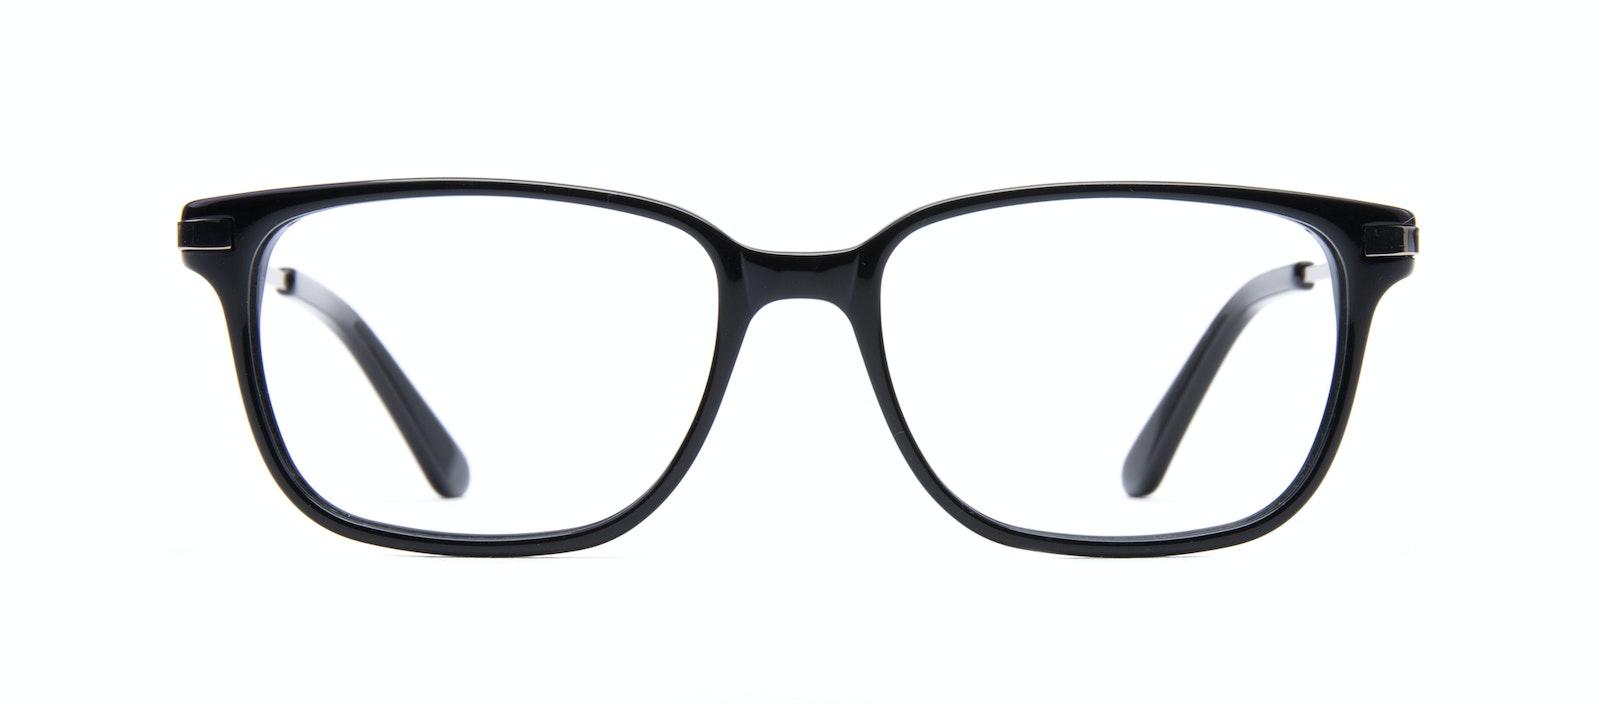 Affordable Fashion Glasses Rectangle Eyeglasses Men Trade Black Front